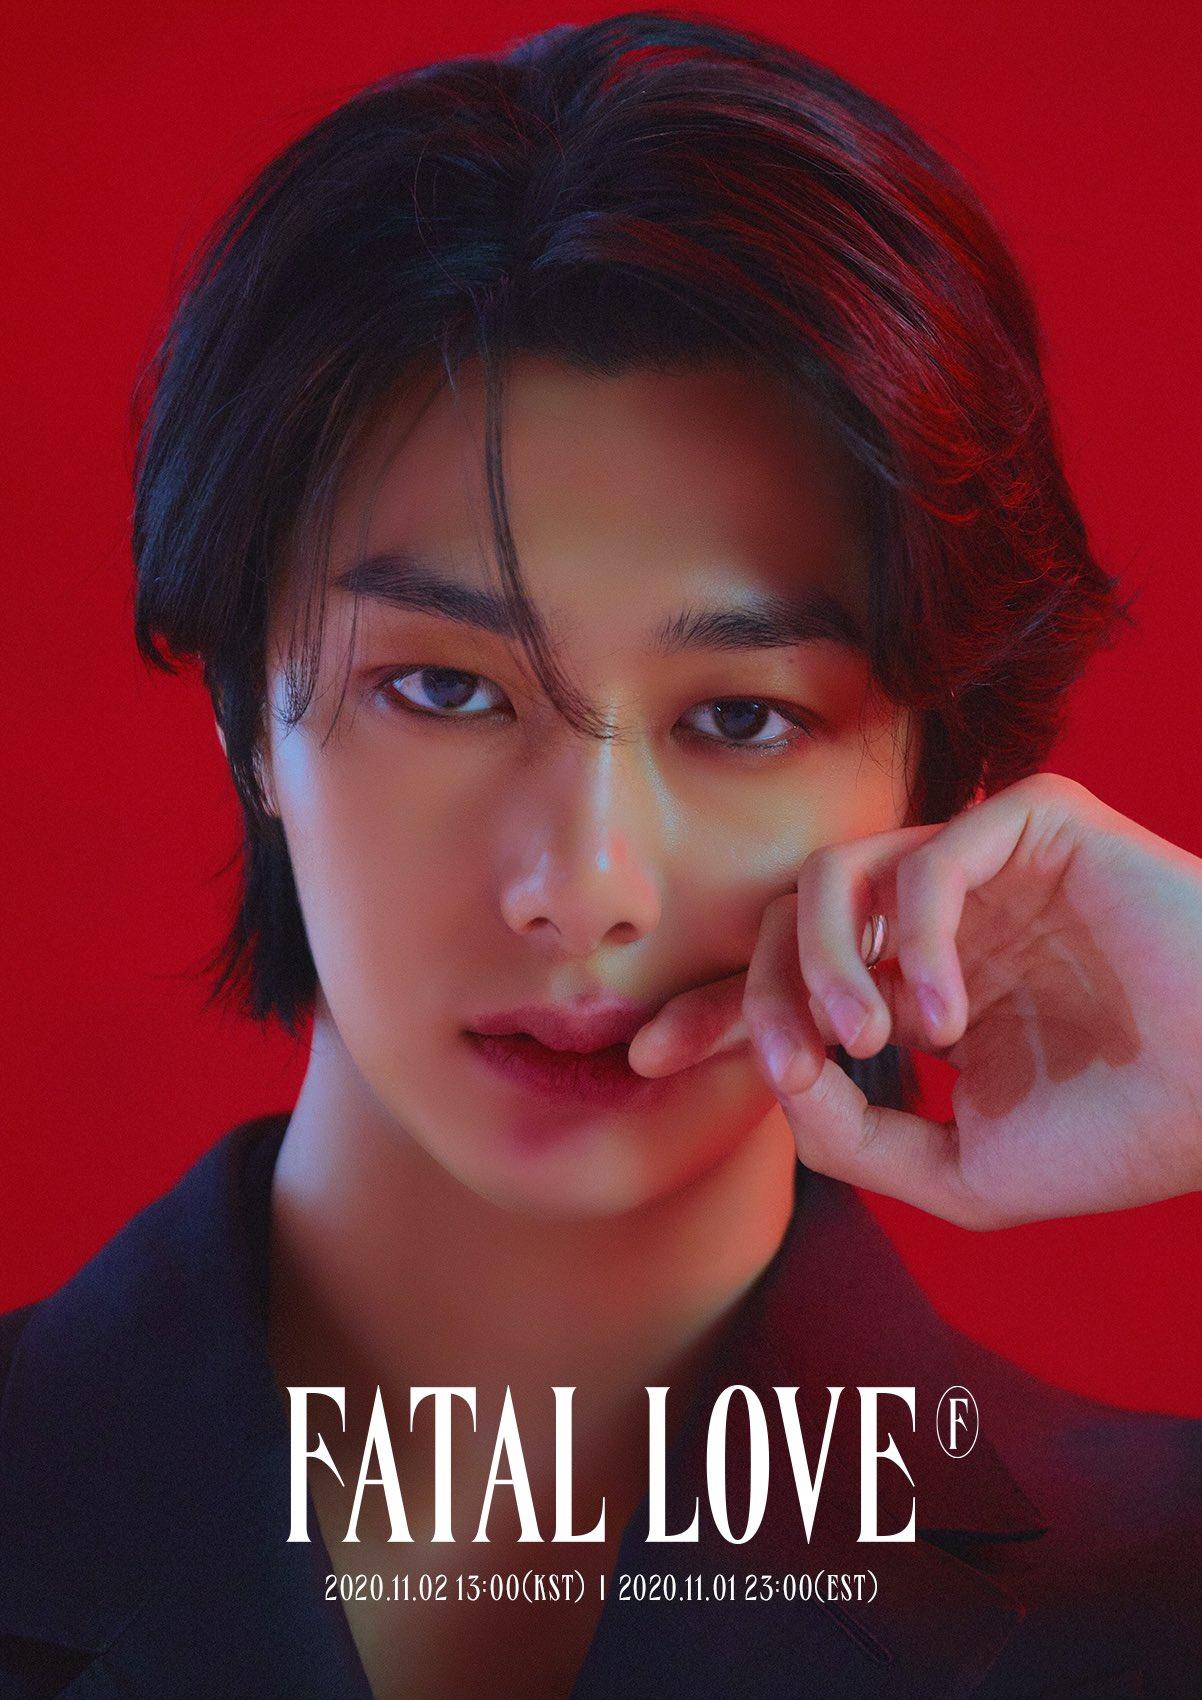 Monsta X Fatal Love Teaser Photos 1 Hd Hq K Pop Database Dbkpop Com